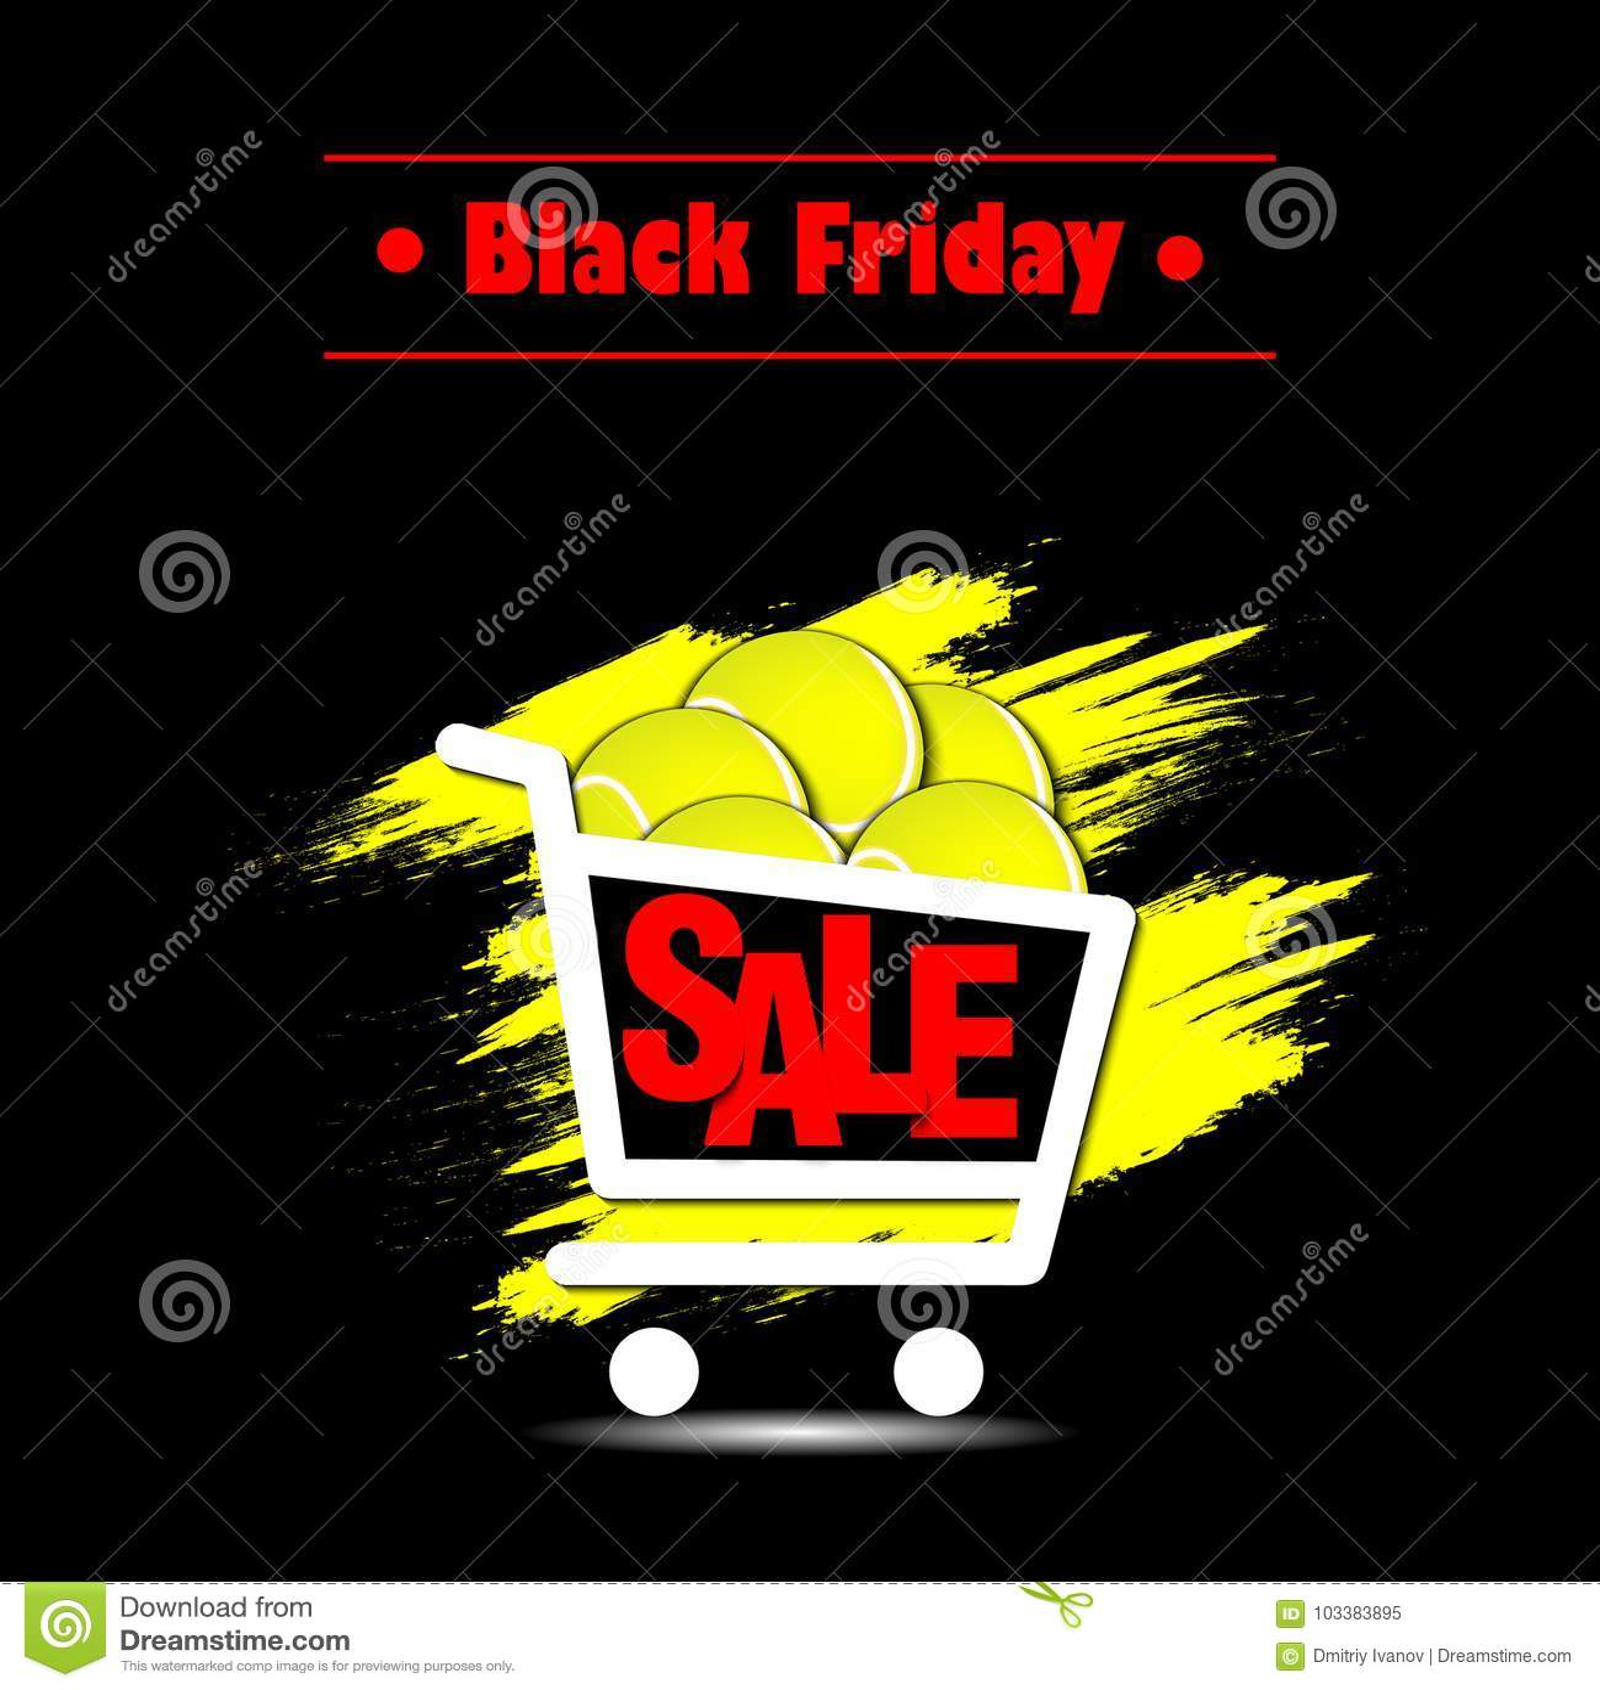 4299954eed Bandera negra de viernes Plantilla de la inscripción de la venta de Black  Friday y cesta de pelota de tenis Ilustración del vector